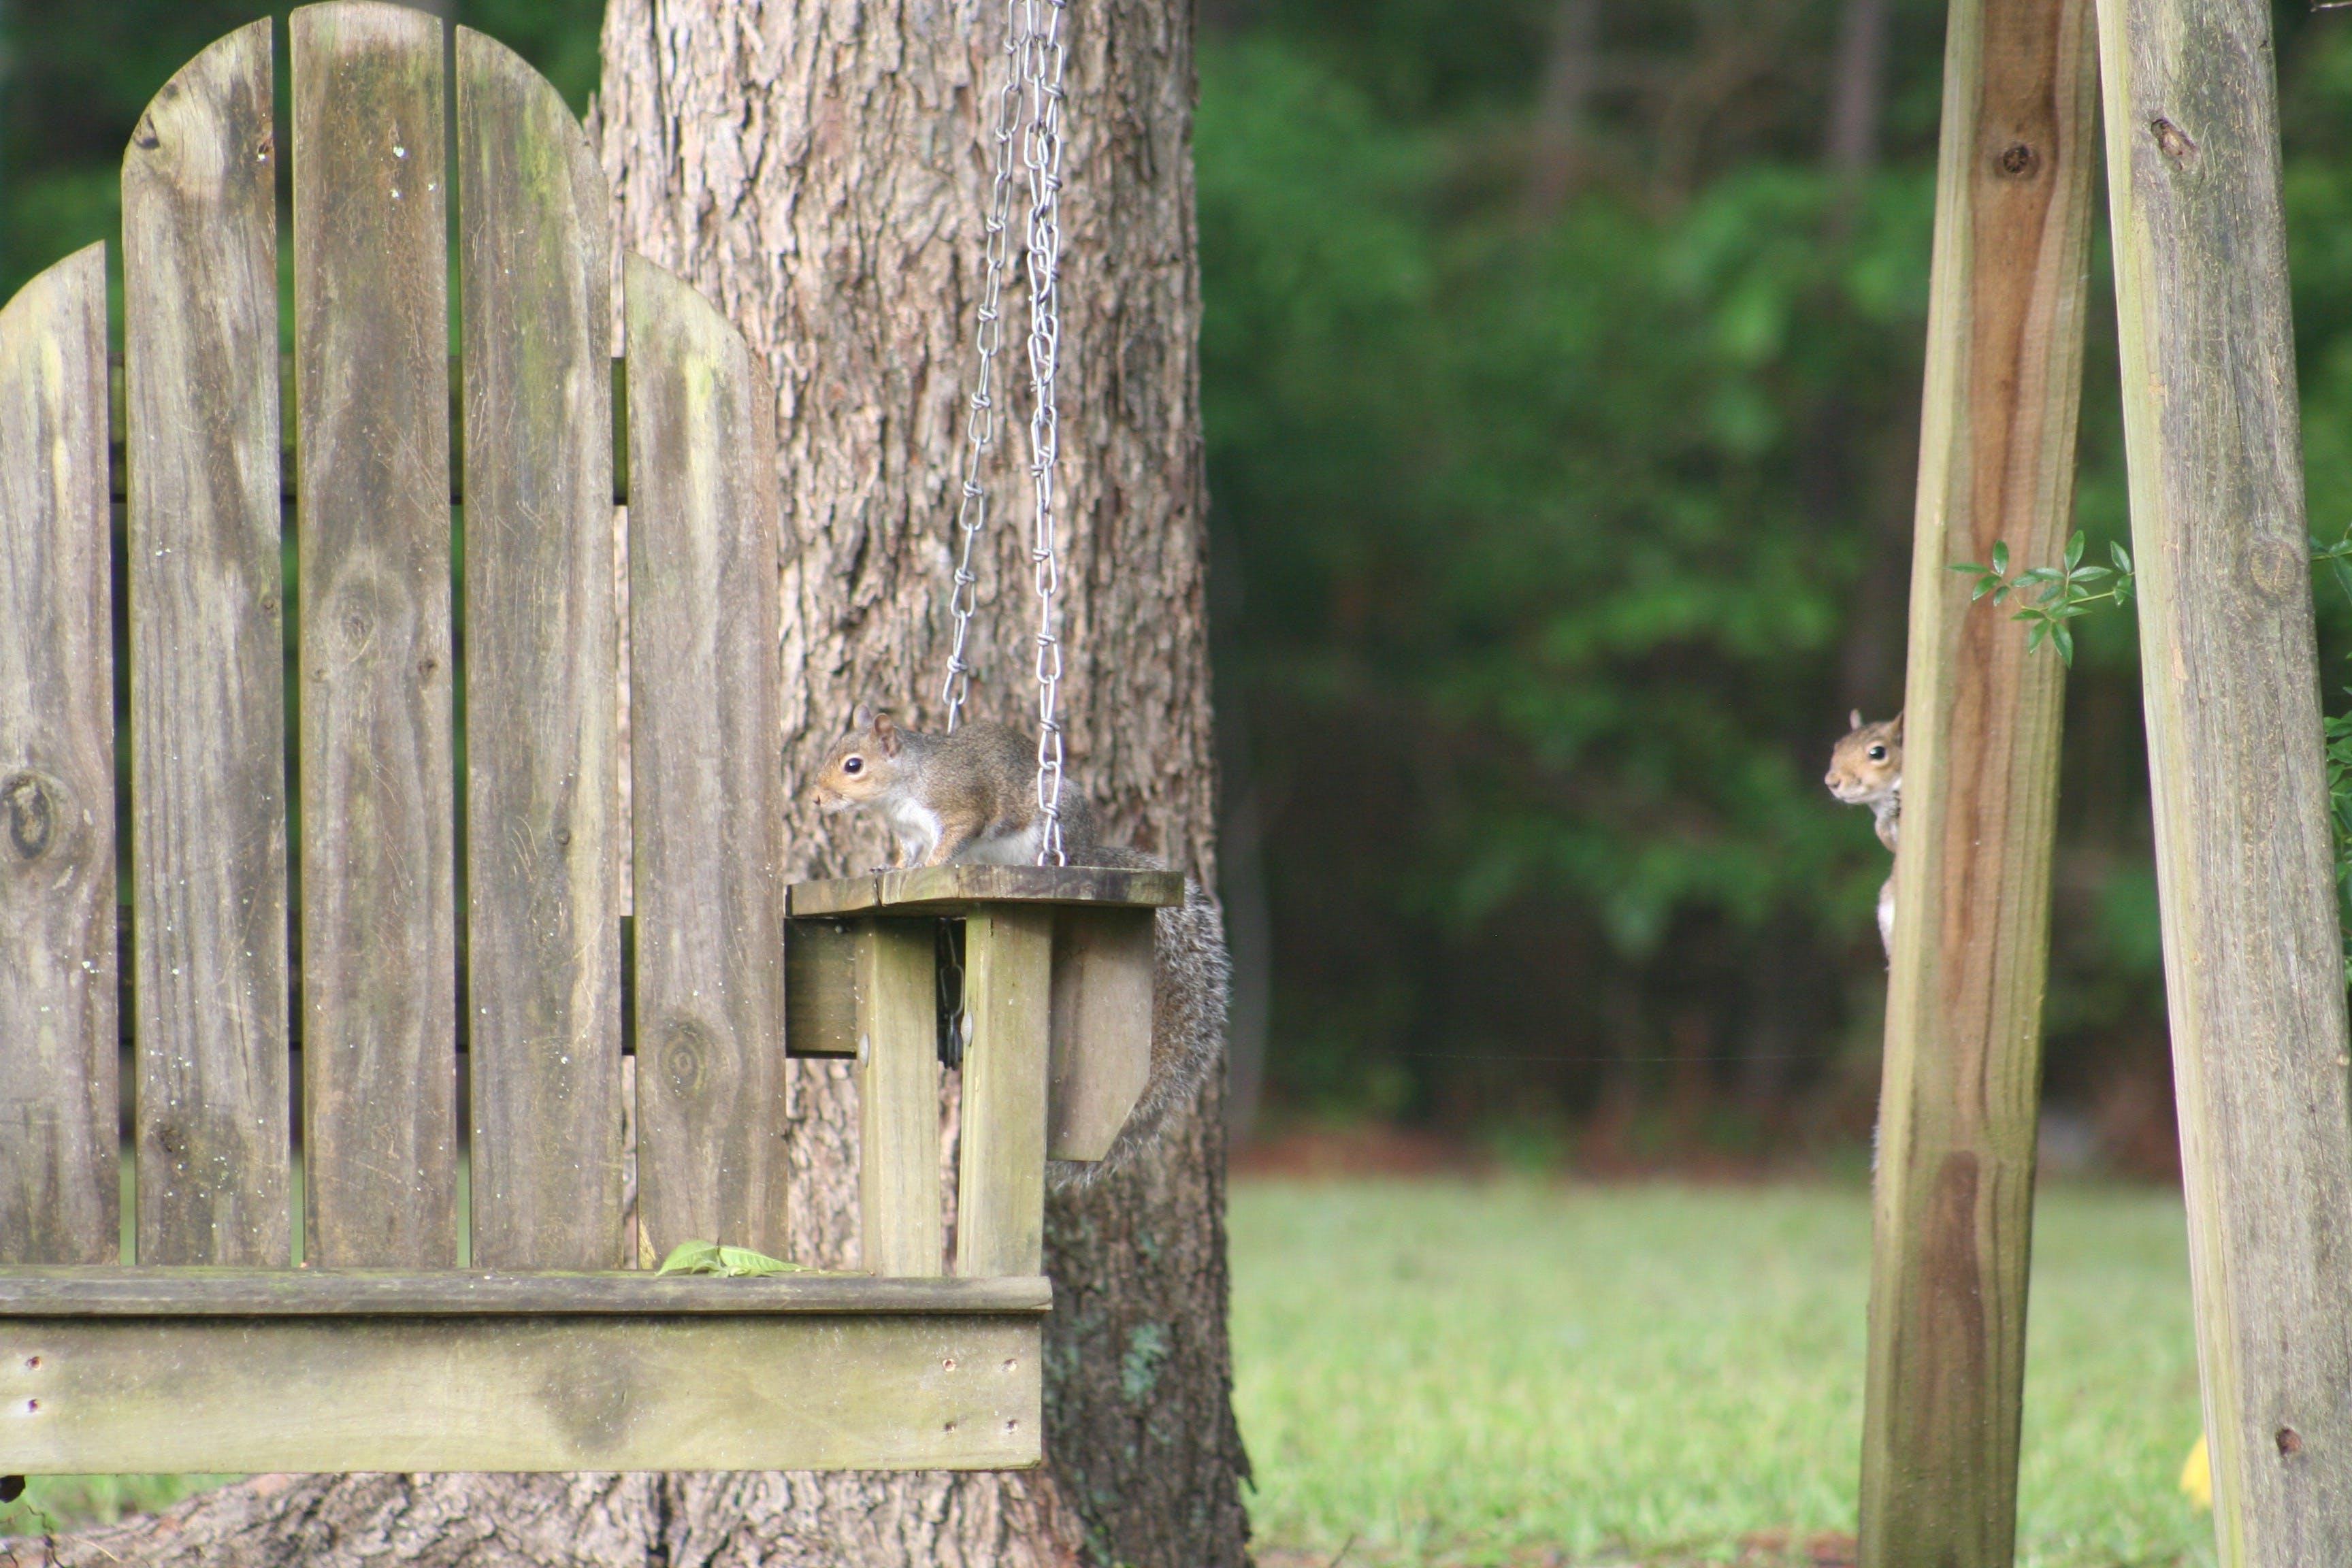 Gratis lagerfoto af egern, natur, træ swing